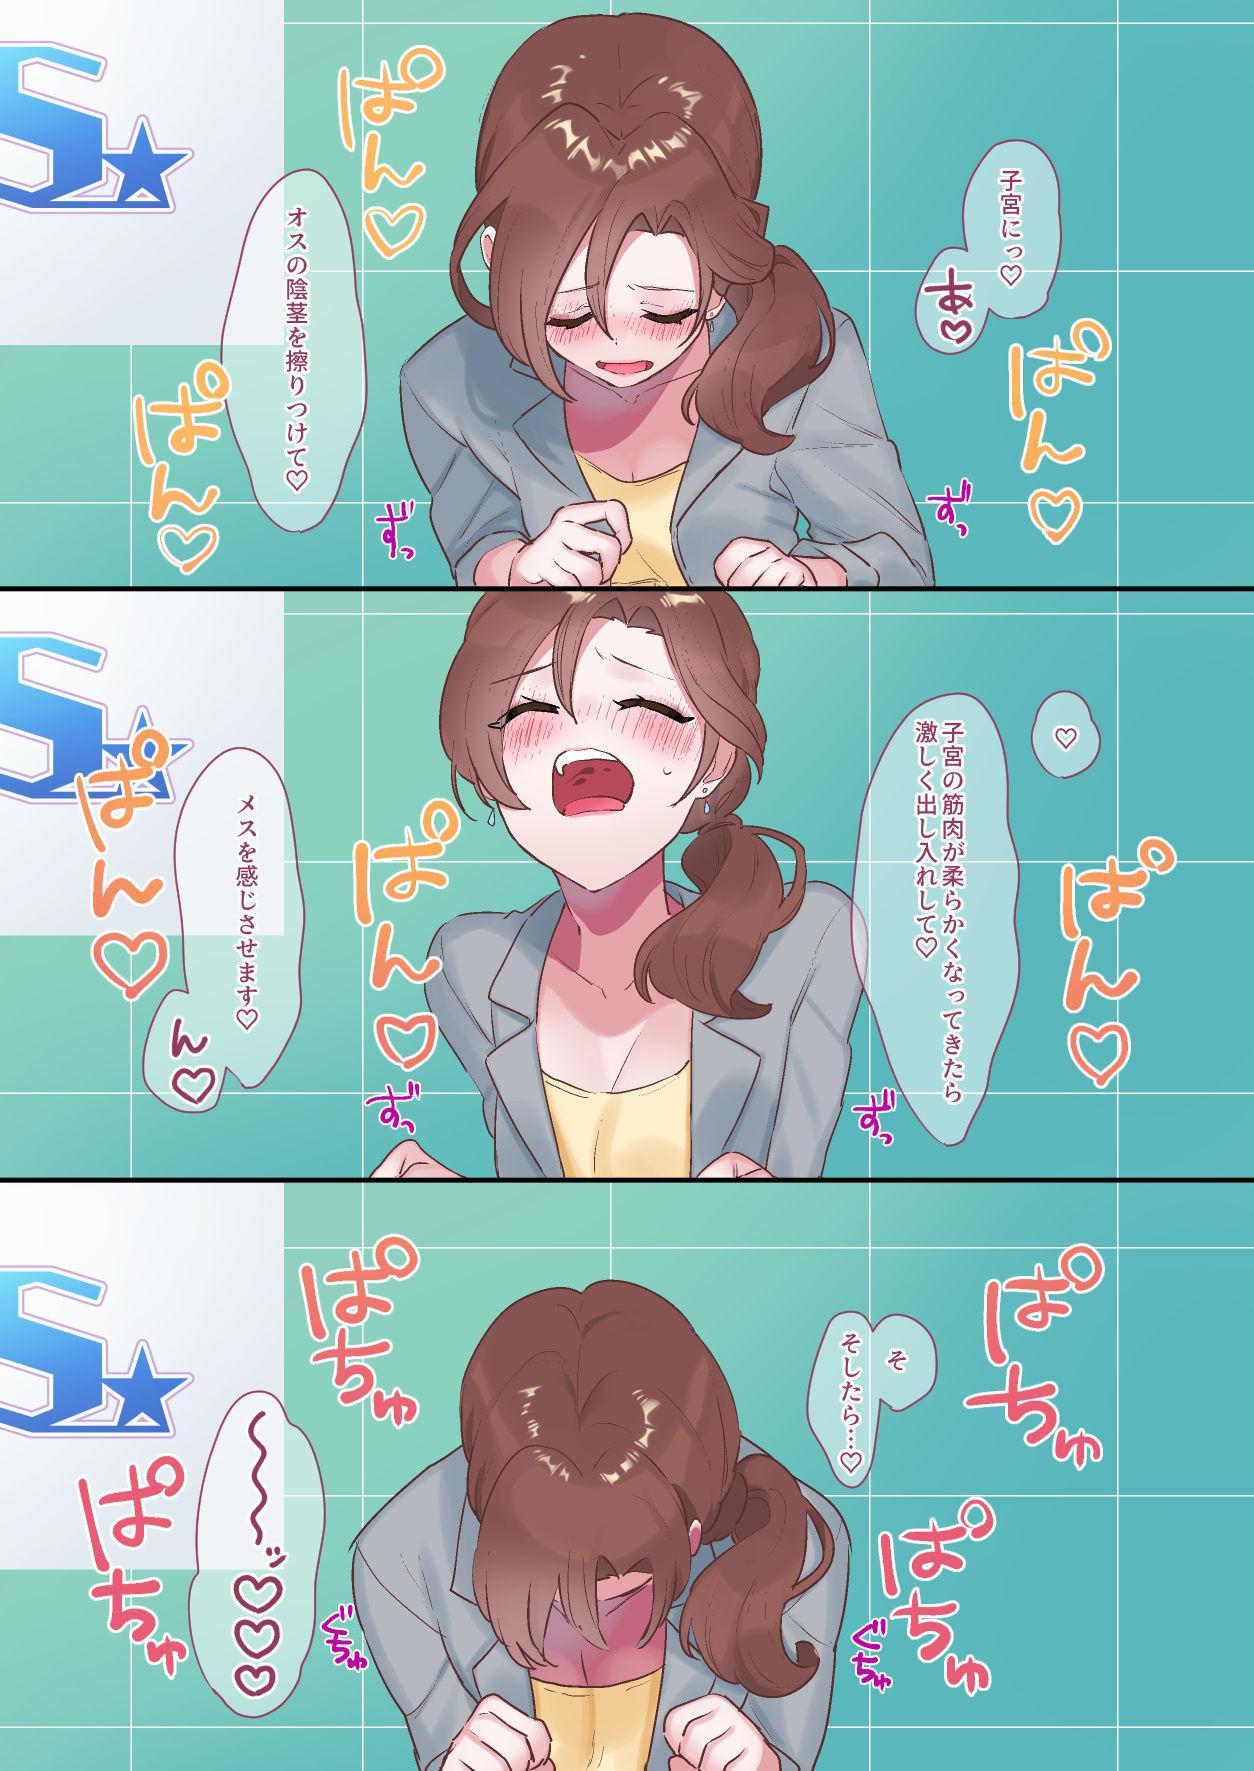 ドキッ!アイドルだらけの深夜の生放送 22